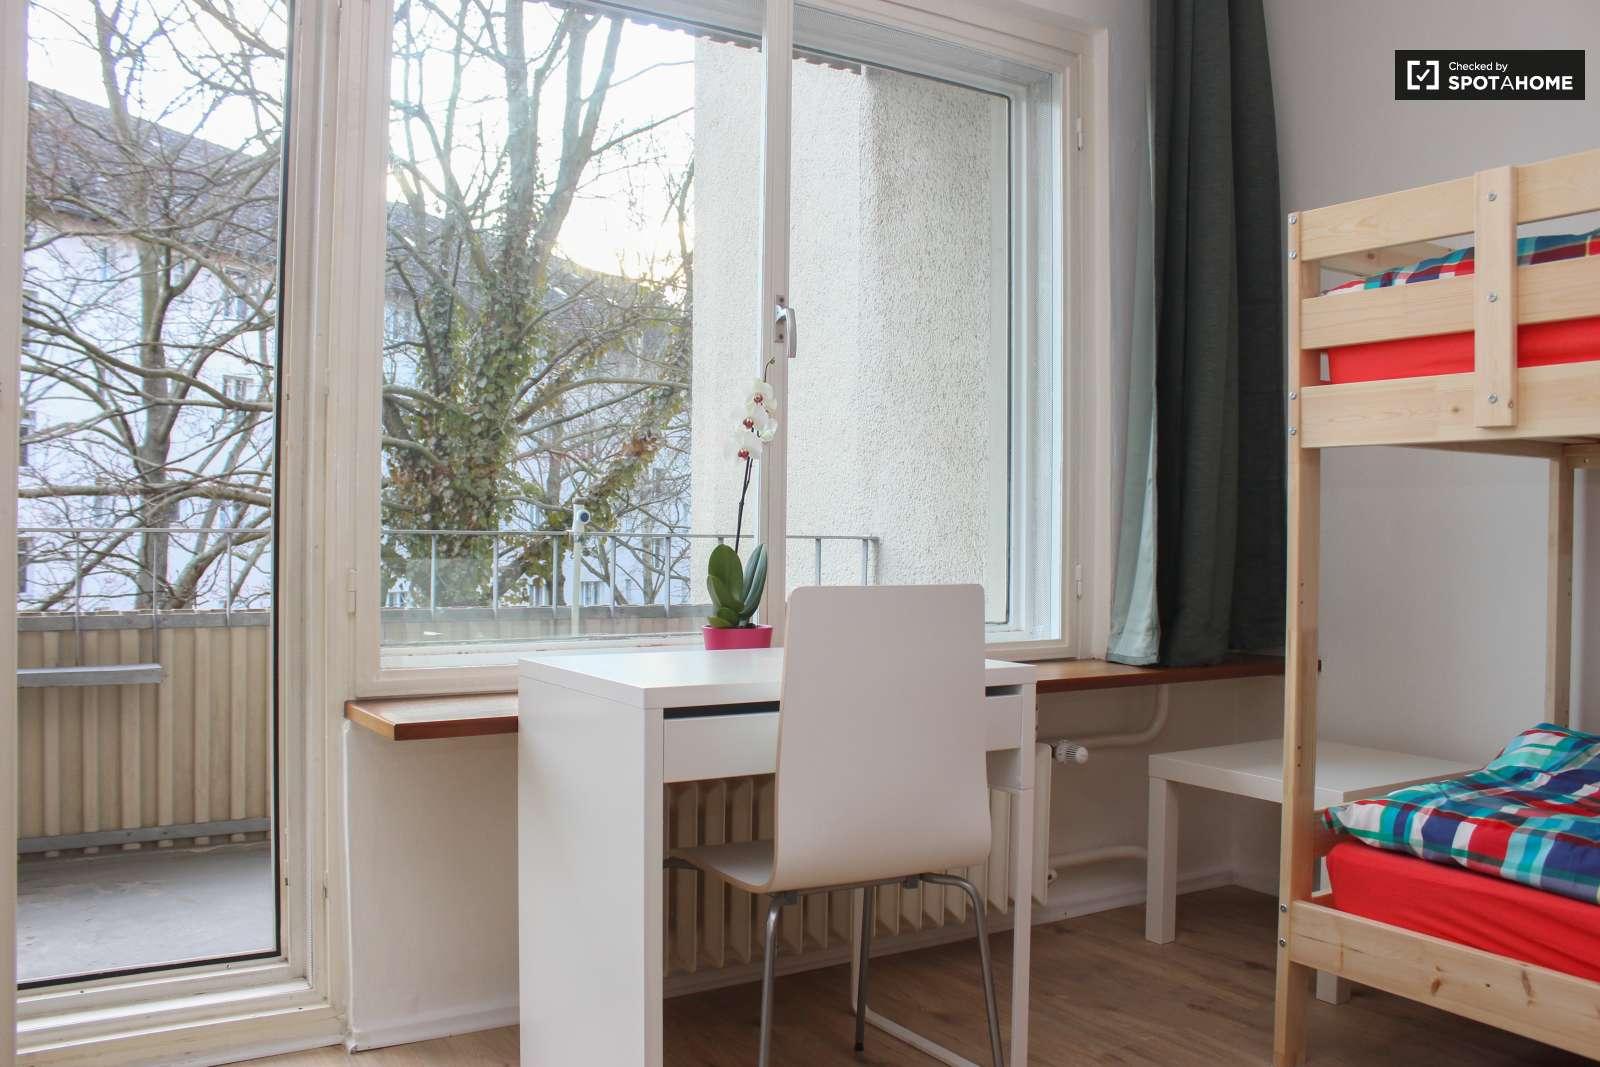 schicke zimmer in der wohnung in tempelhof sch neberg ref 141216 spotahome. Black Bedroom Furniture Sets. Home Design Ideas